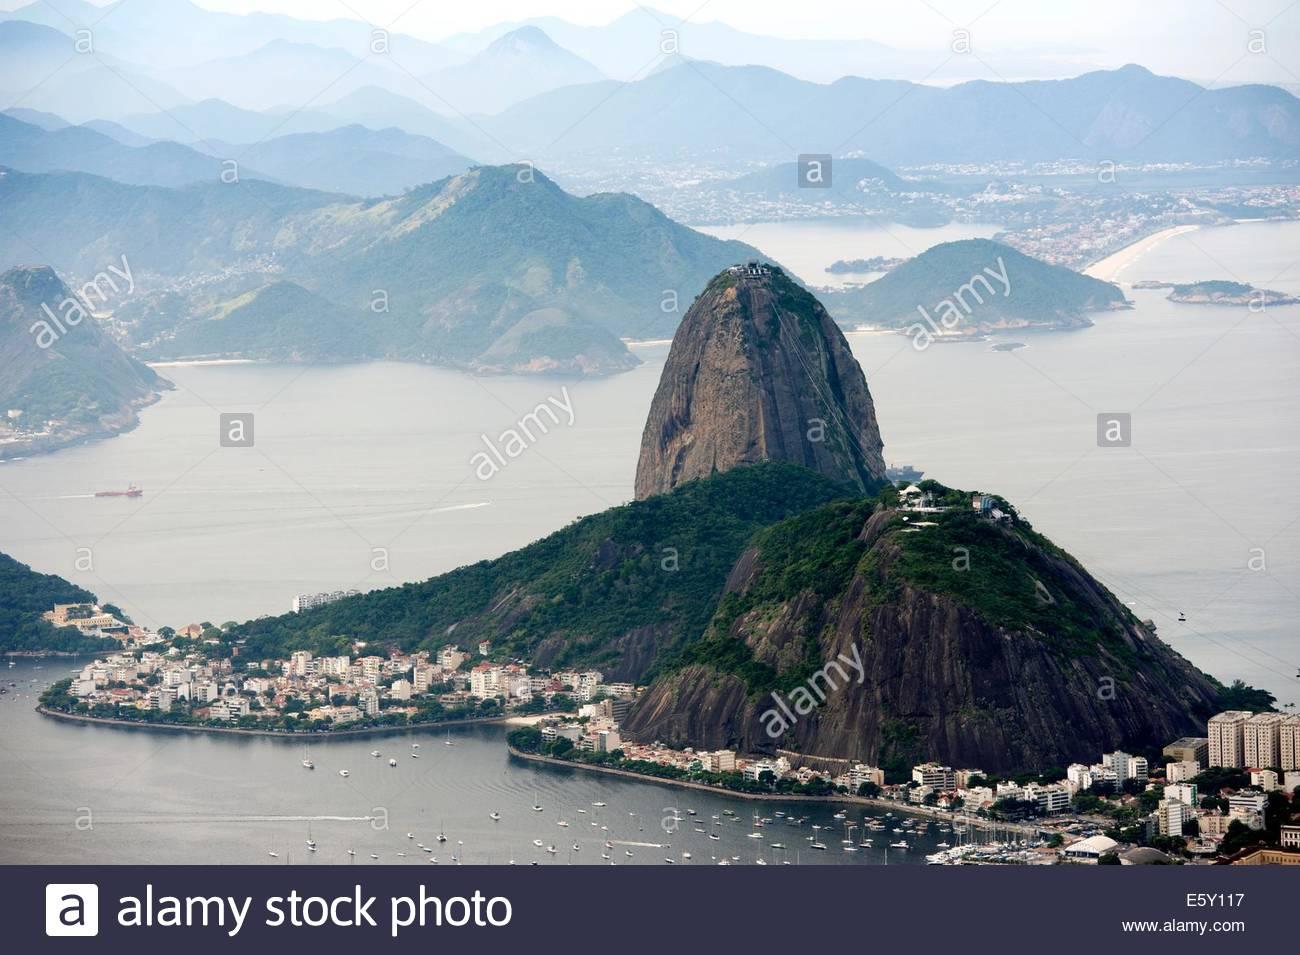 Brazil Rio de Janeiro Pao de Acucar / Sugarloaf Mountain - Stock Image